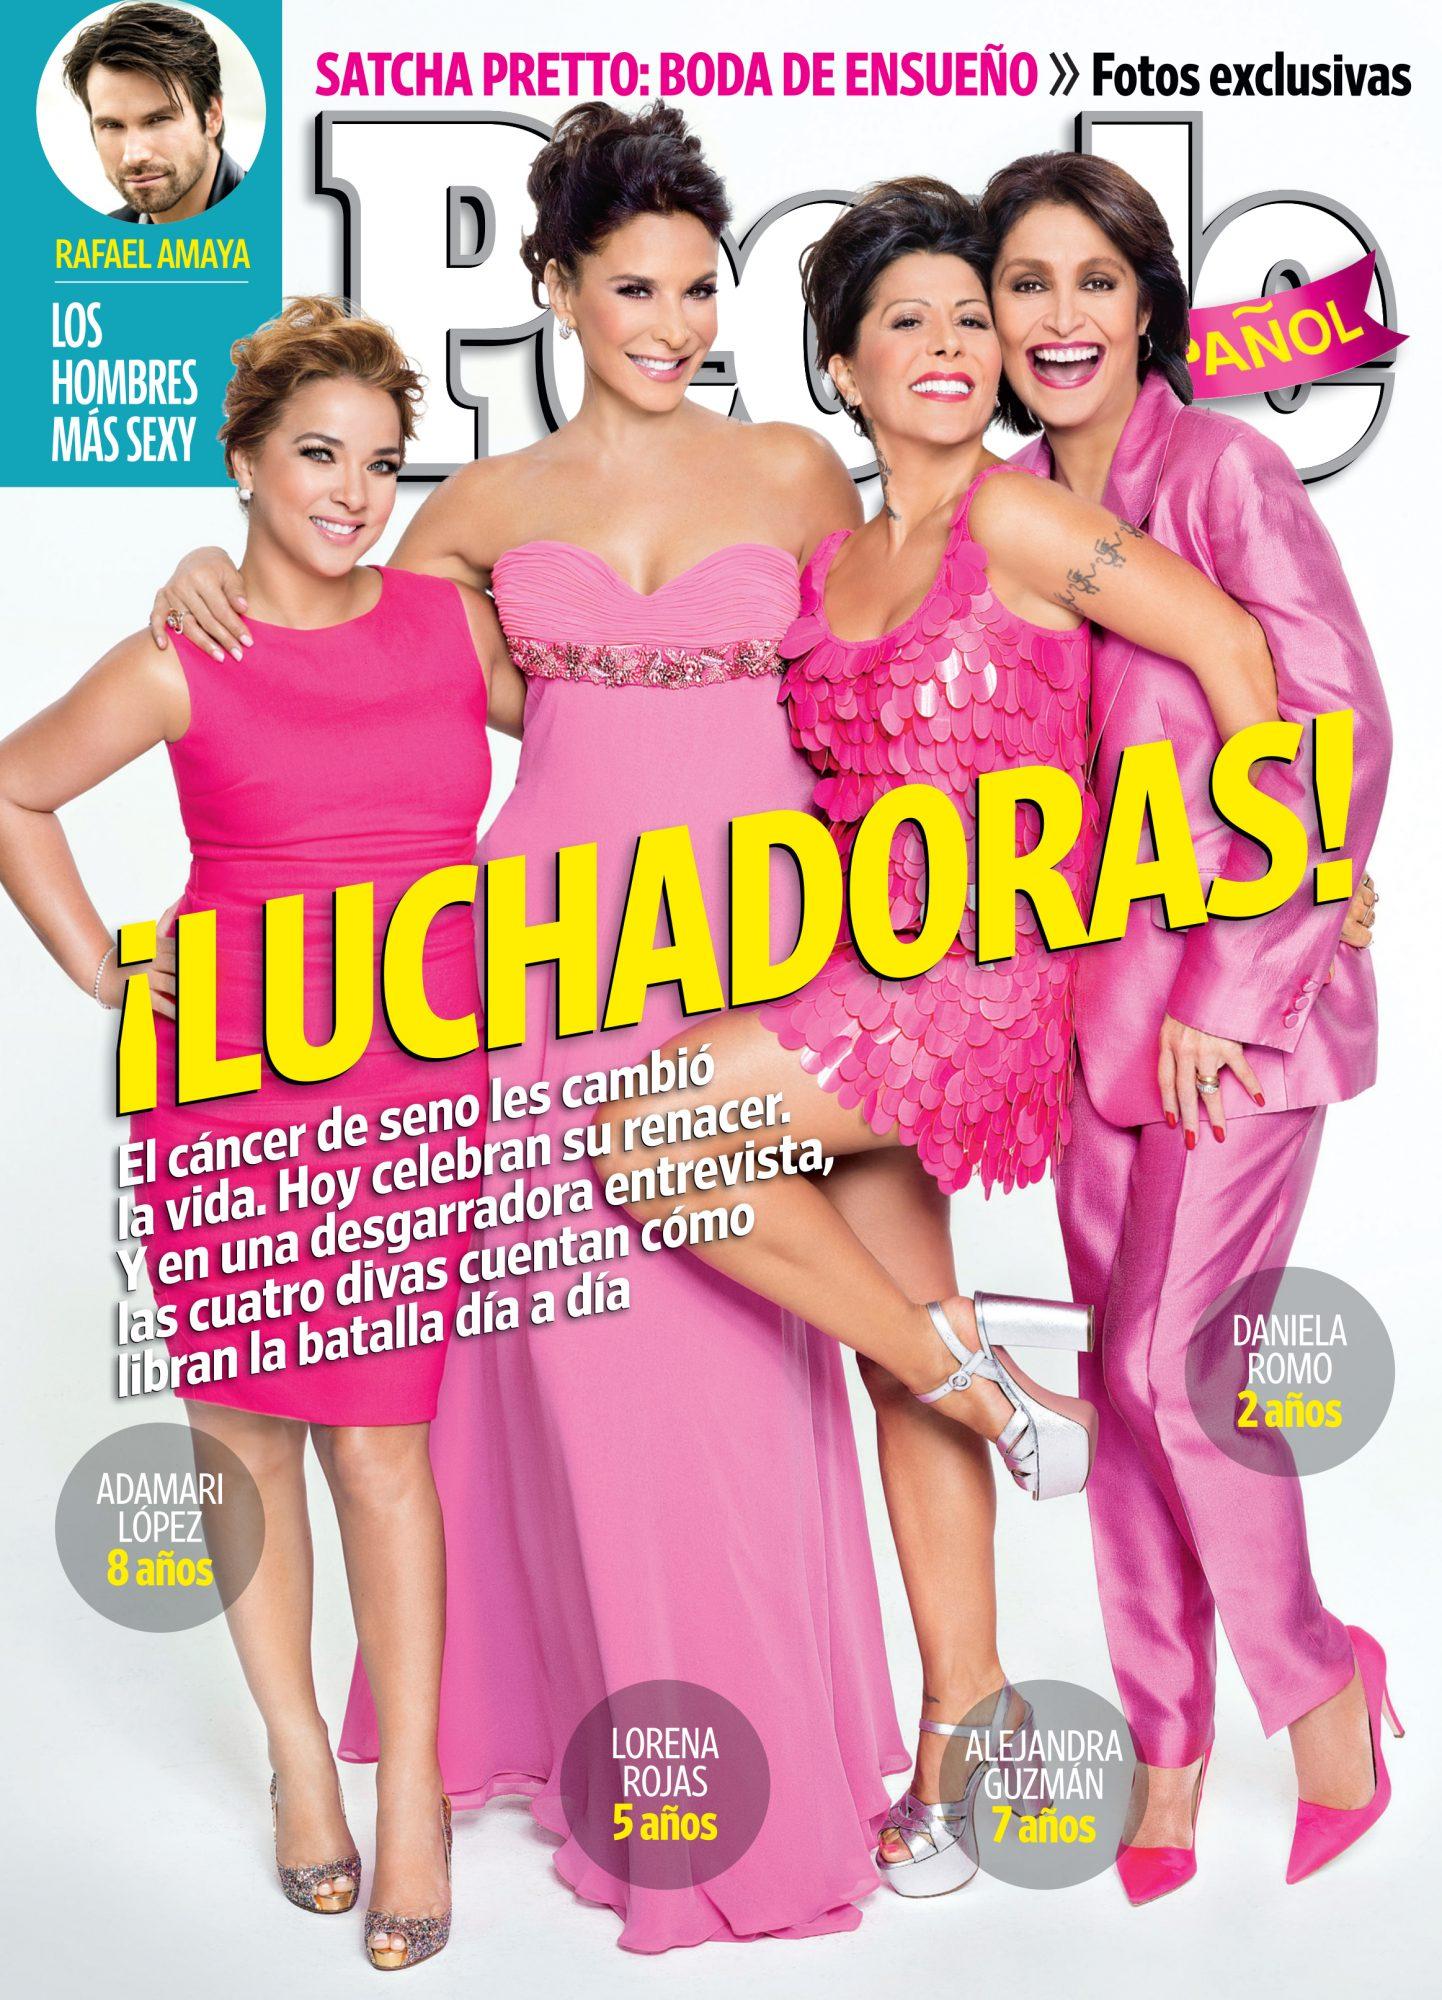 Octubre 2013 portada – Las 25 Mujeres Mas Poderosas Cover Adamari Lopez, Lorena Rojas, Alejandra Guzman y Daniela Romo